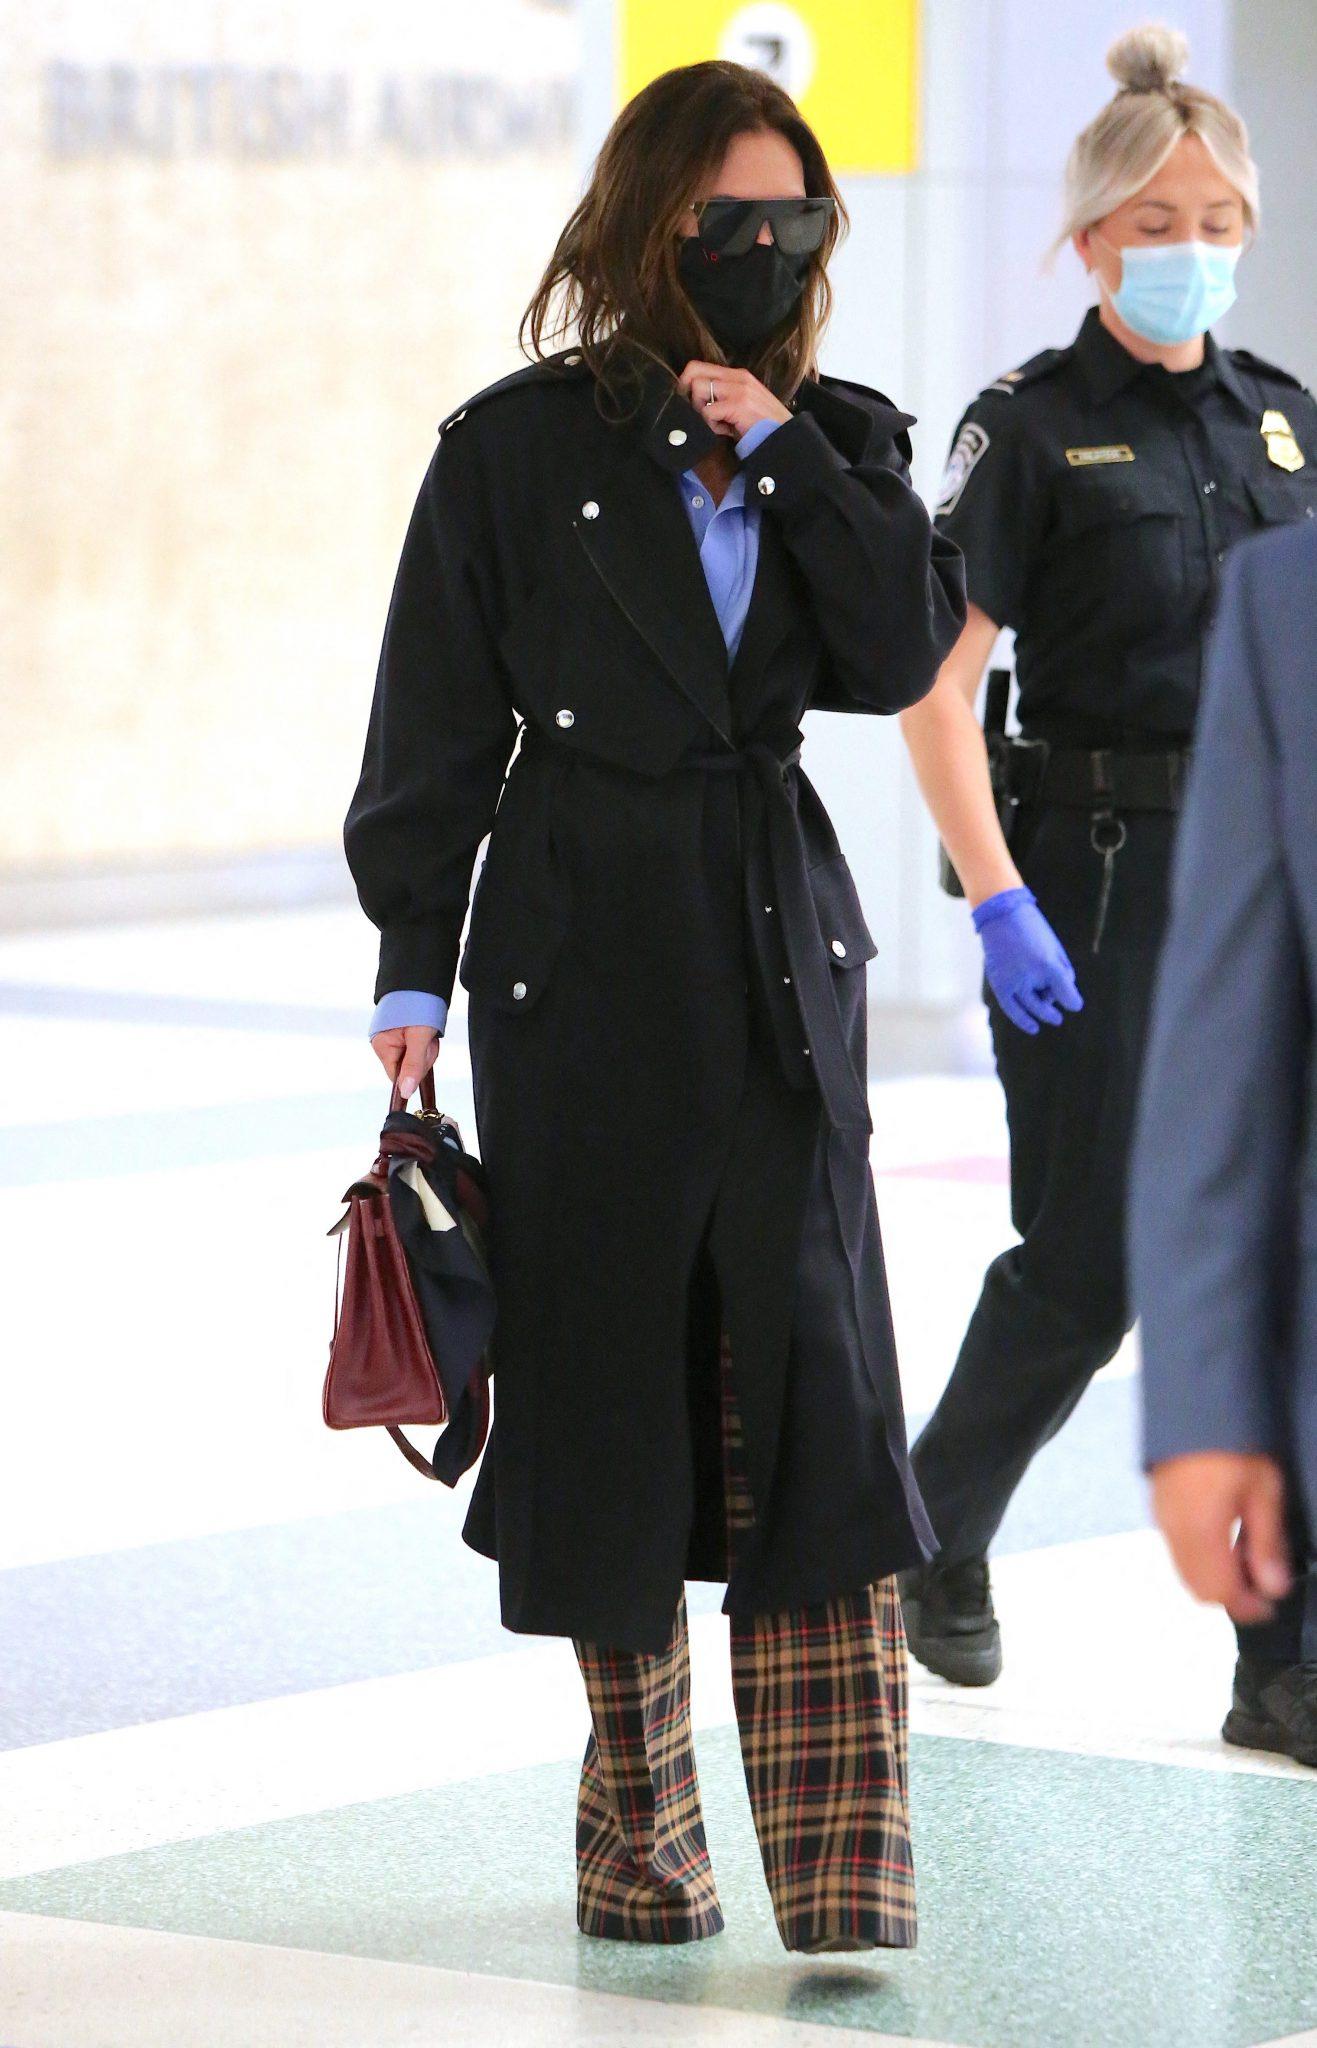 Victoria Beckham ne-a atras atenția săptămâna aceasta prin una dintre cele mai recente apariții ale sale, în care vedeta este un look de toamnă,